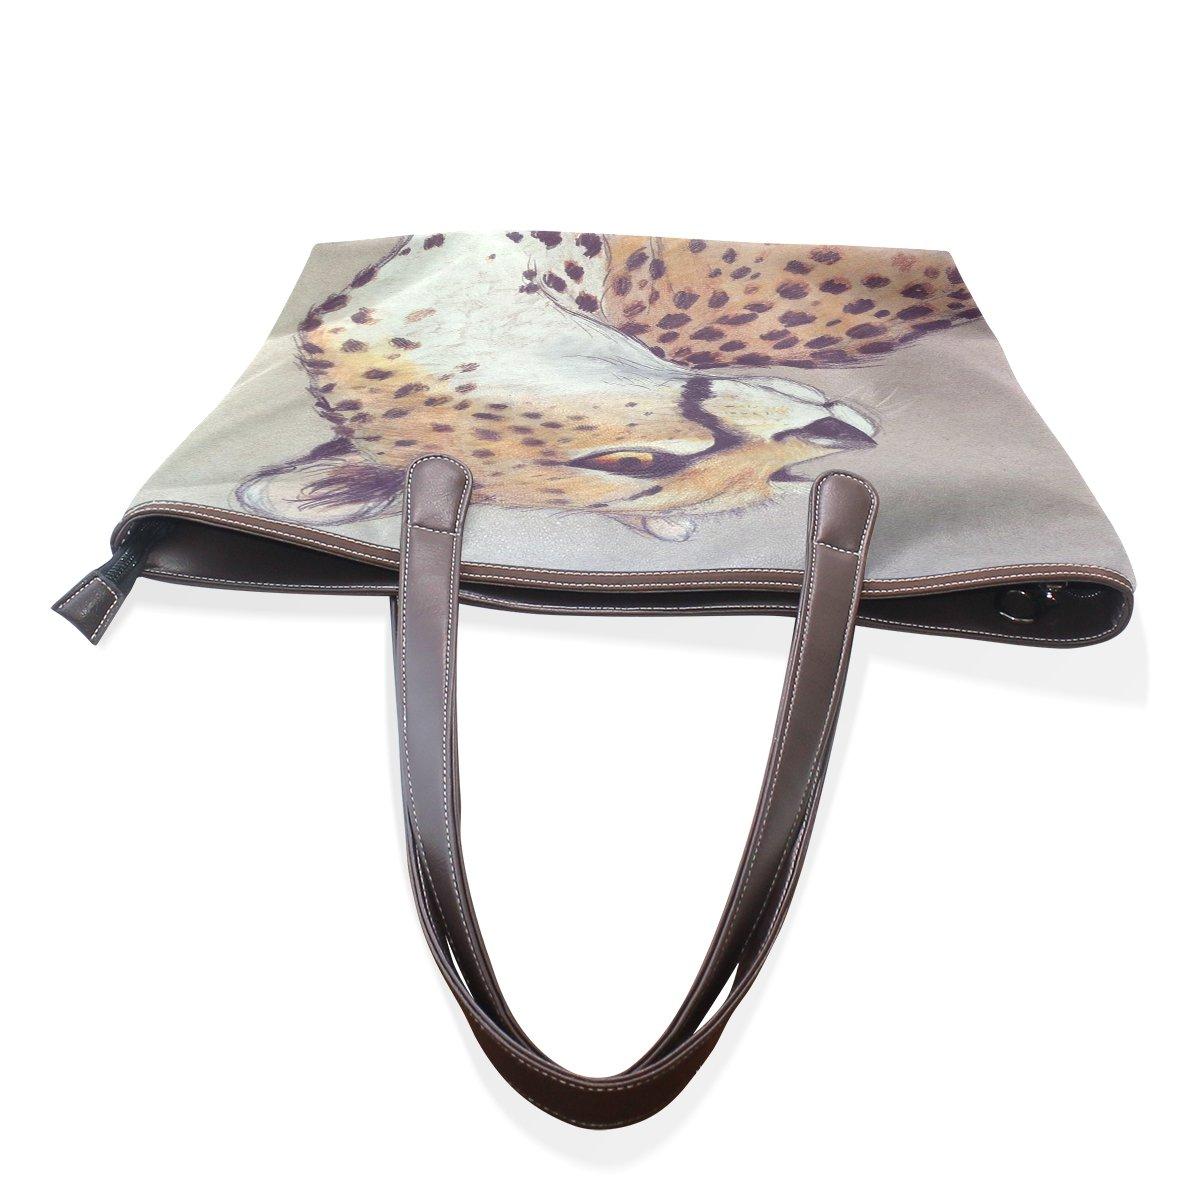 SCDS Leopard PU Leather Lady Handbag Tote Bag Zipper Shoulder Bag